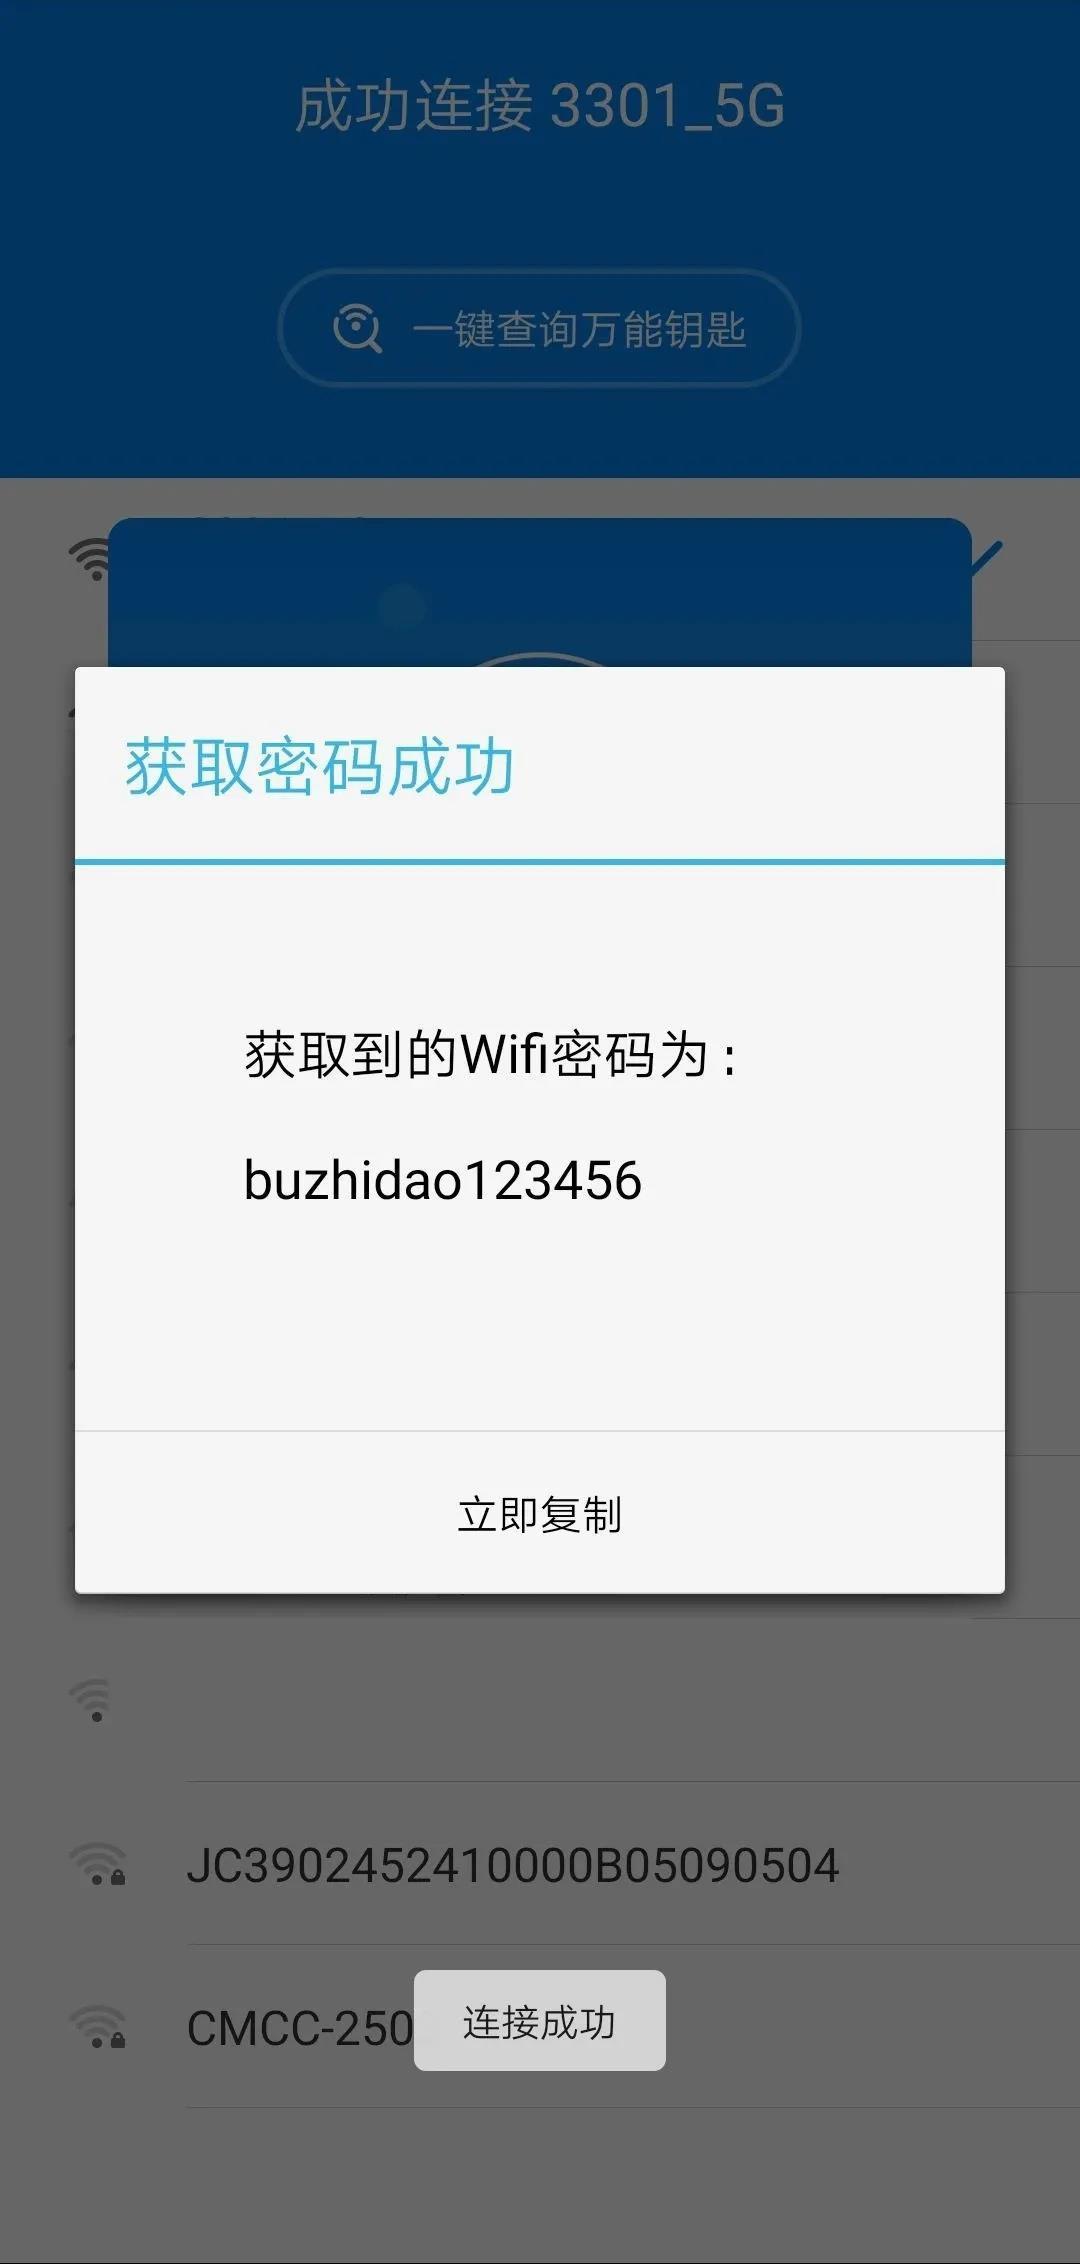 """613e890144eaada739665502 WiFi万能钥匙的""""高级显密版""""--WiFi万能钥匙"""